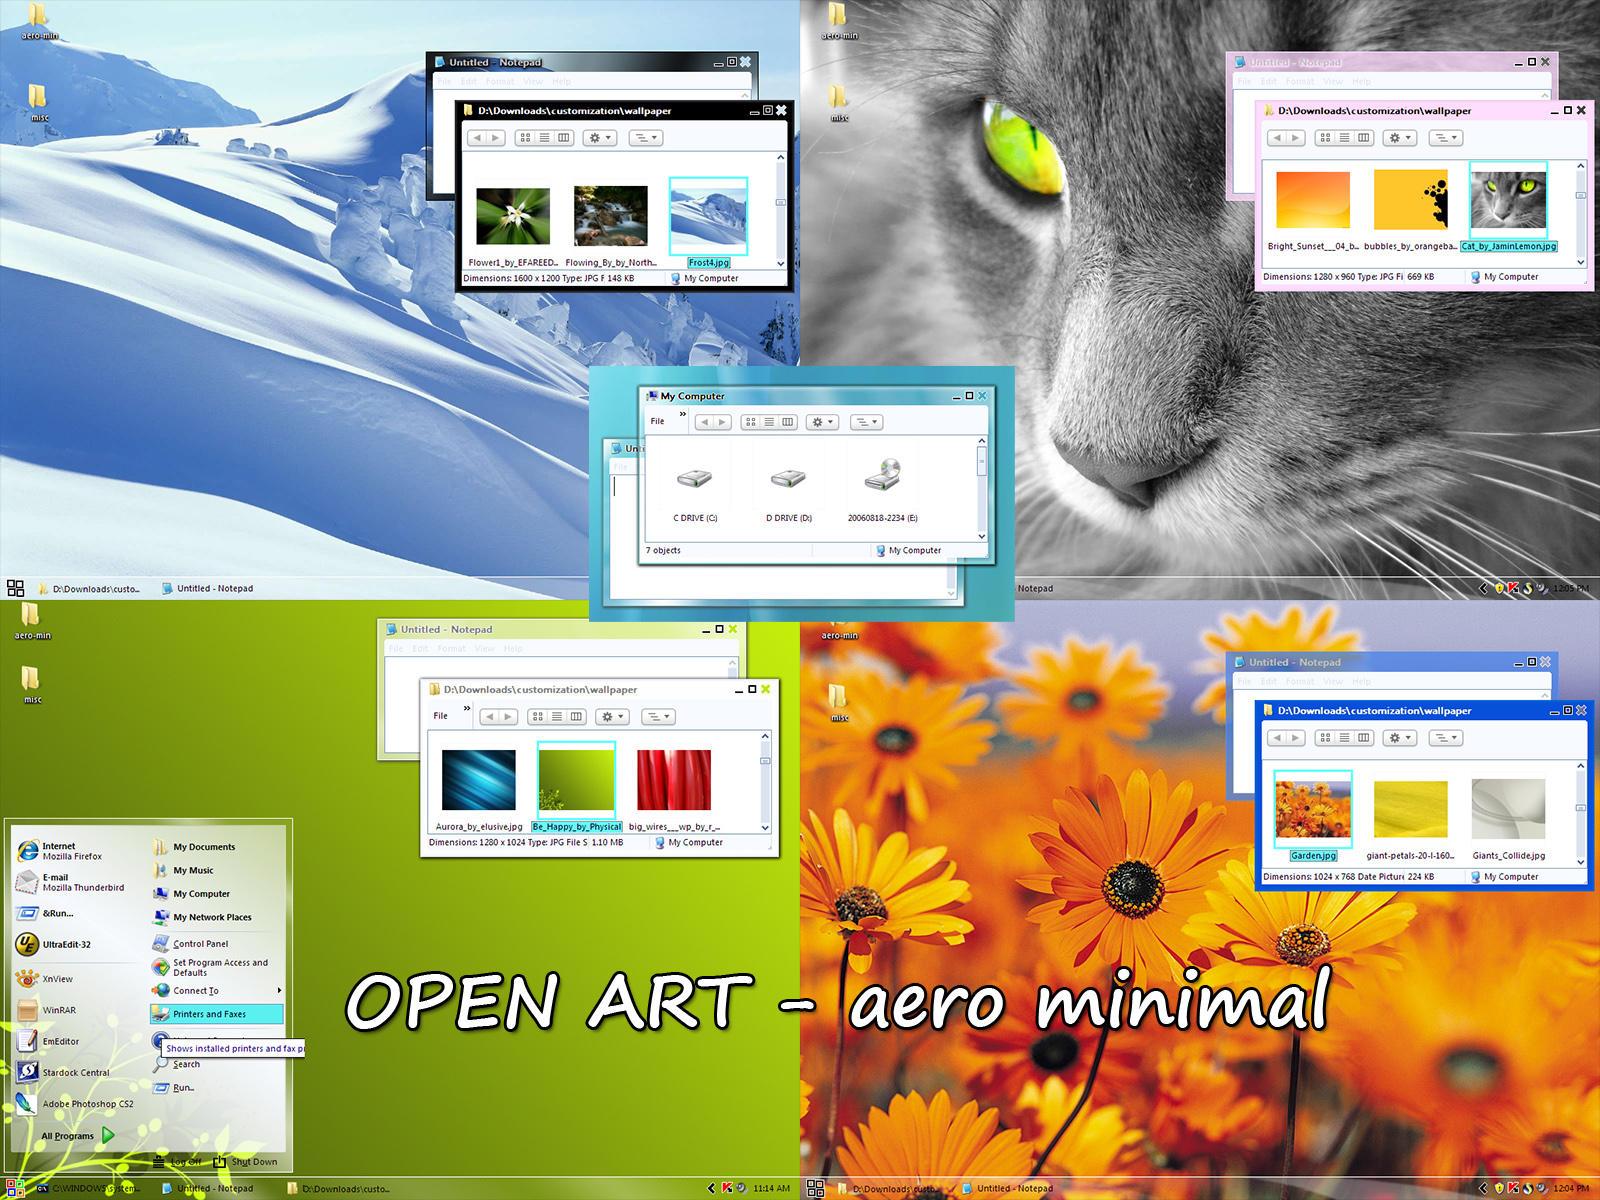 aero minimal WIP by nextmario